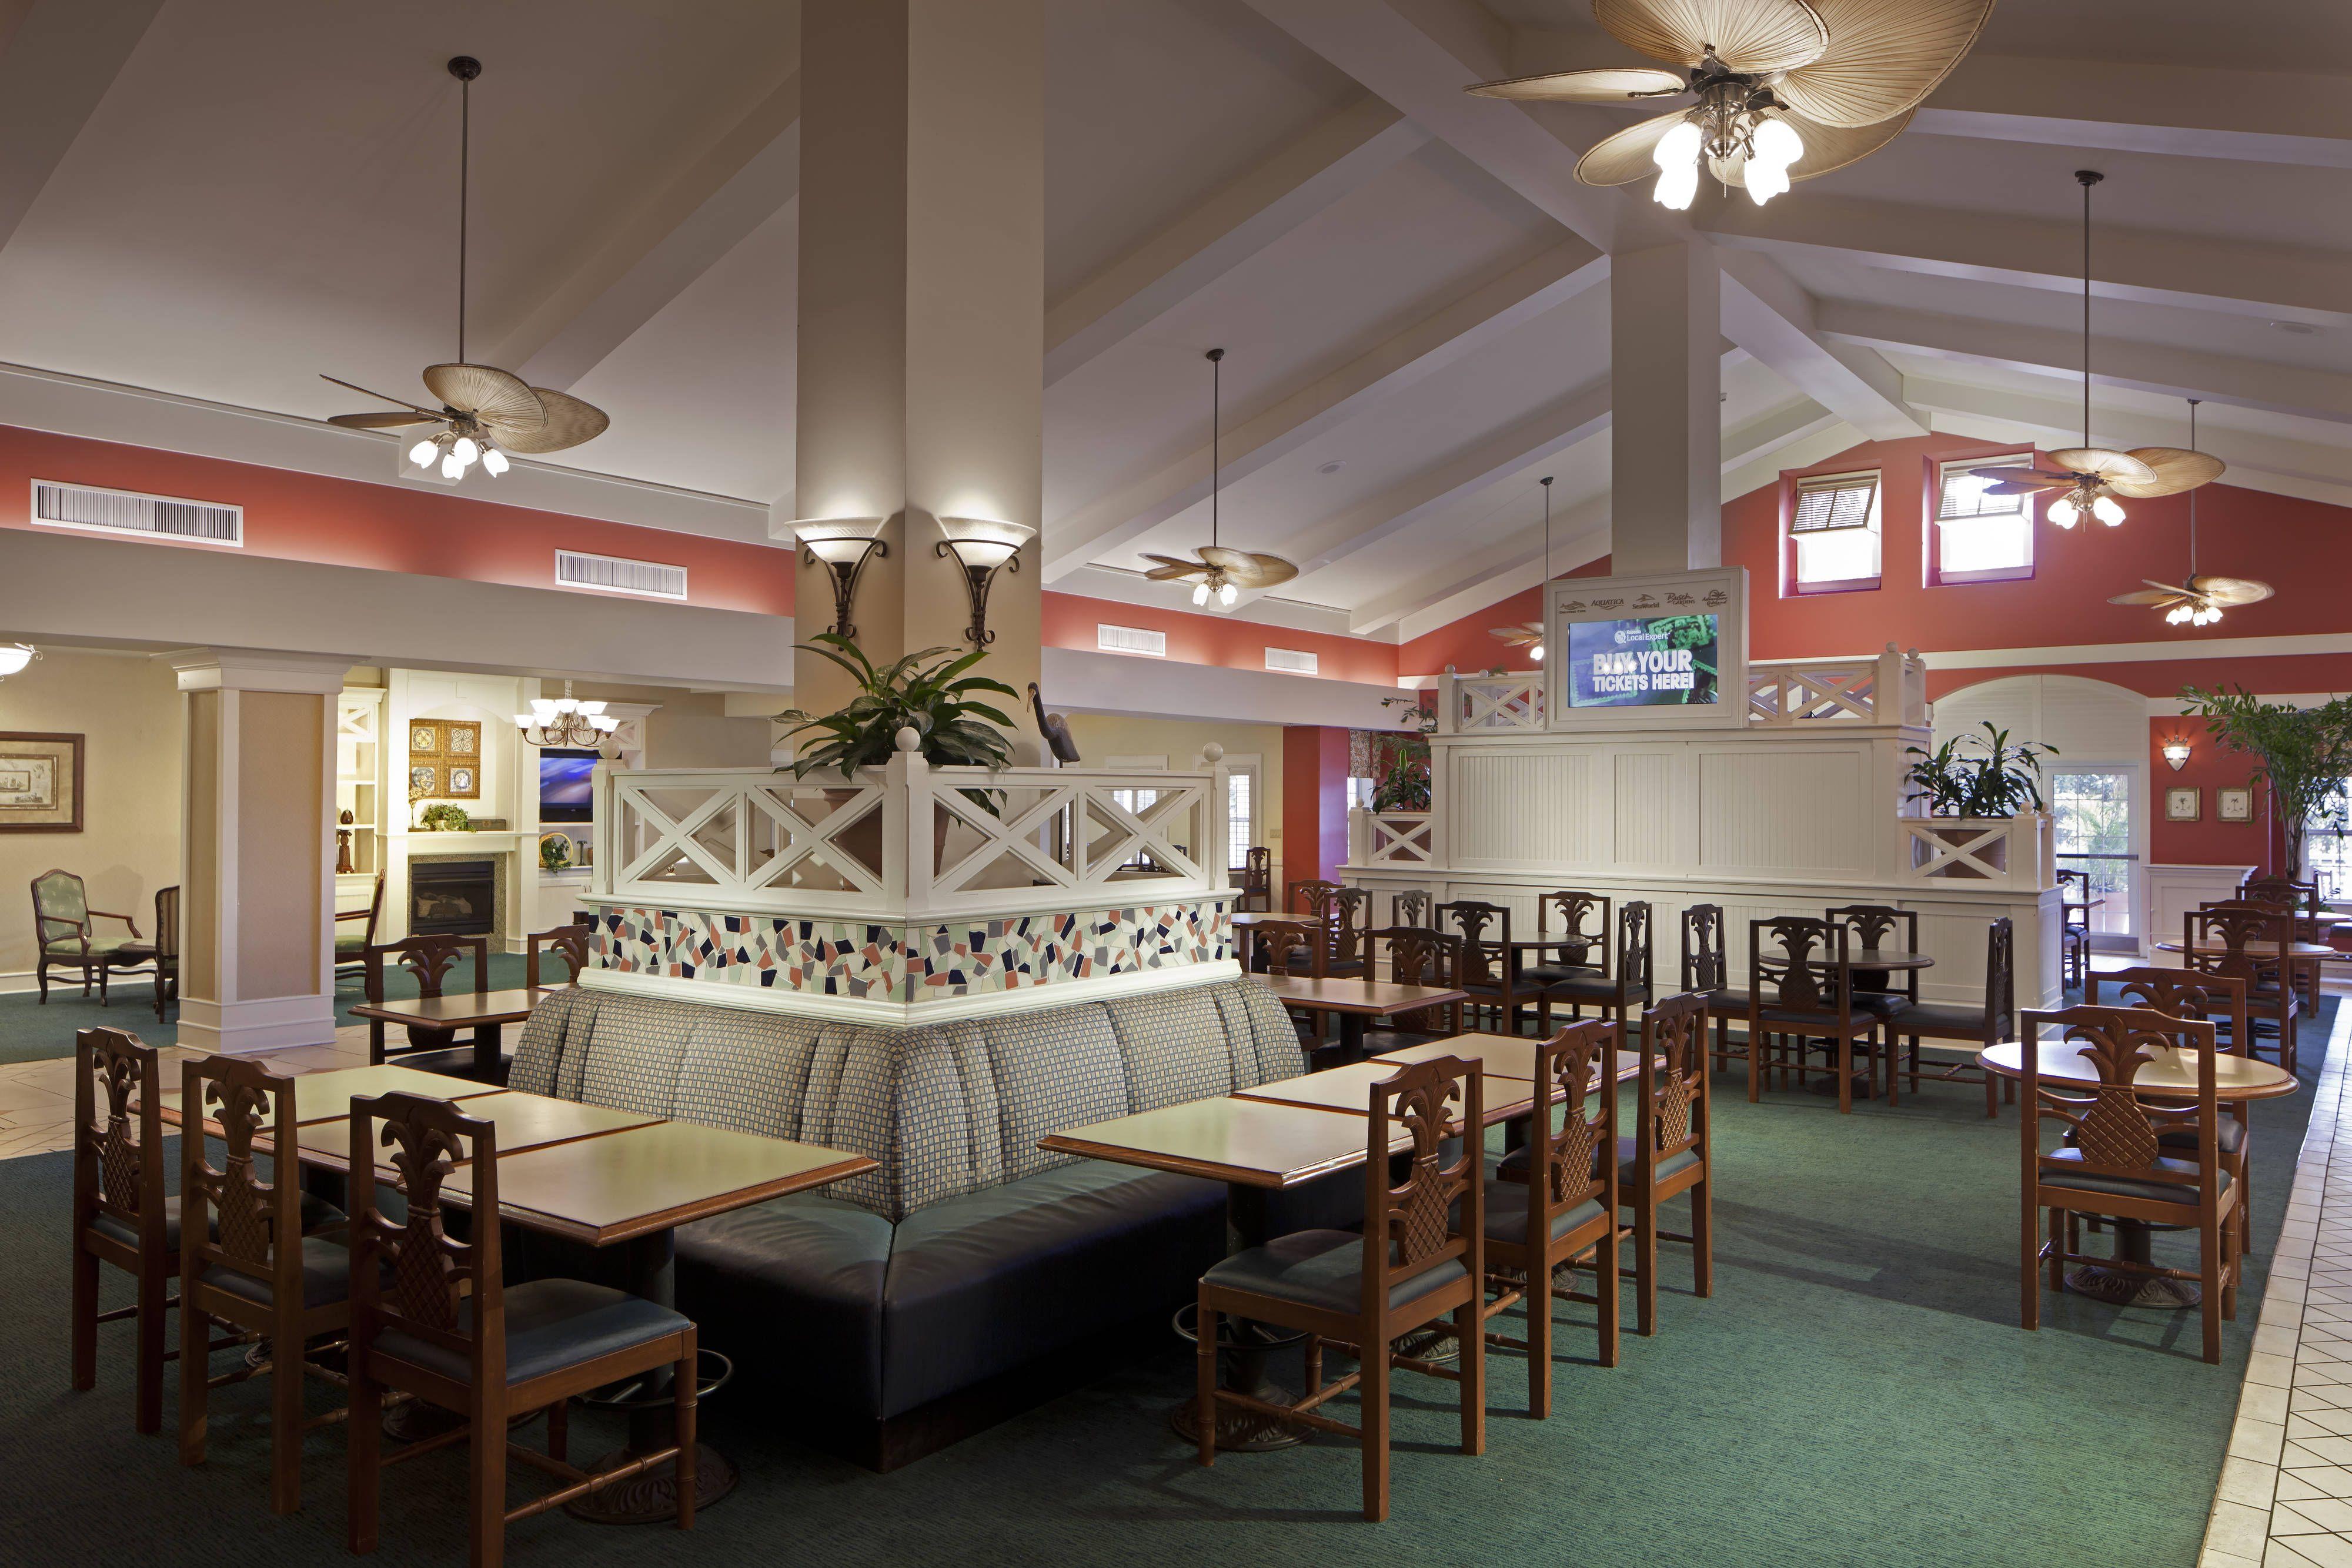 ebf7348f6a8e812e729dfeb1fc5098dc Hotels With Full Kitchens In Orlando